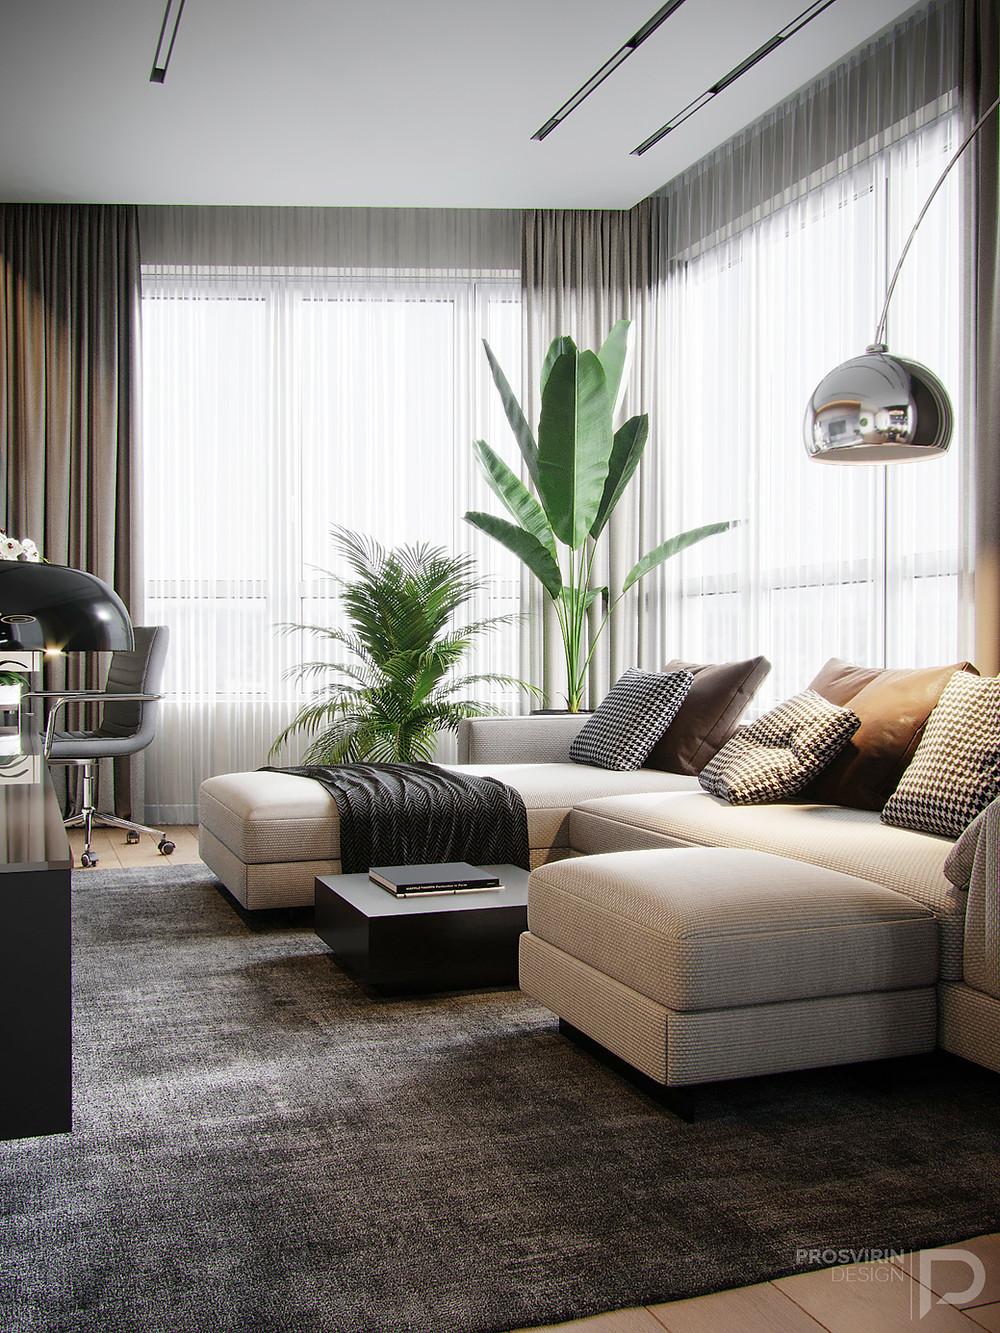 оформление интерьера с панорамными окнами